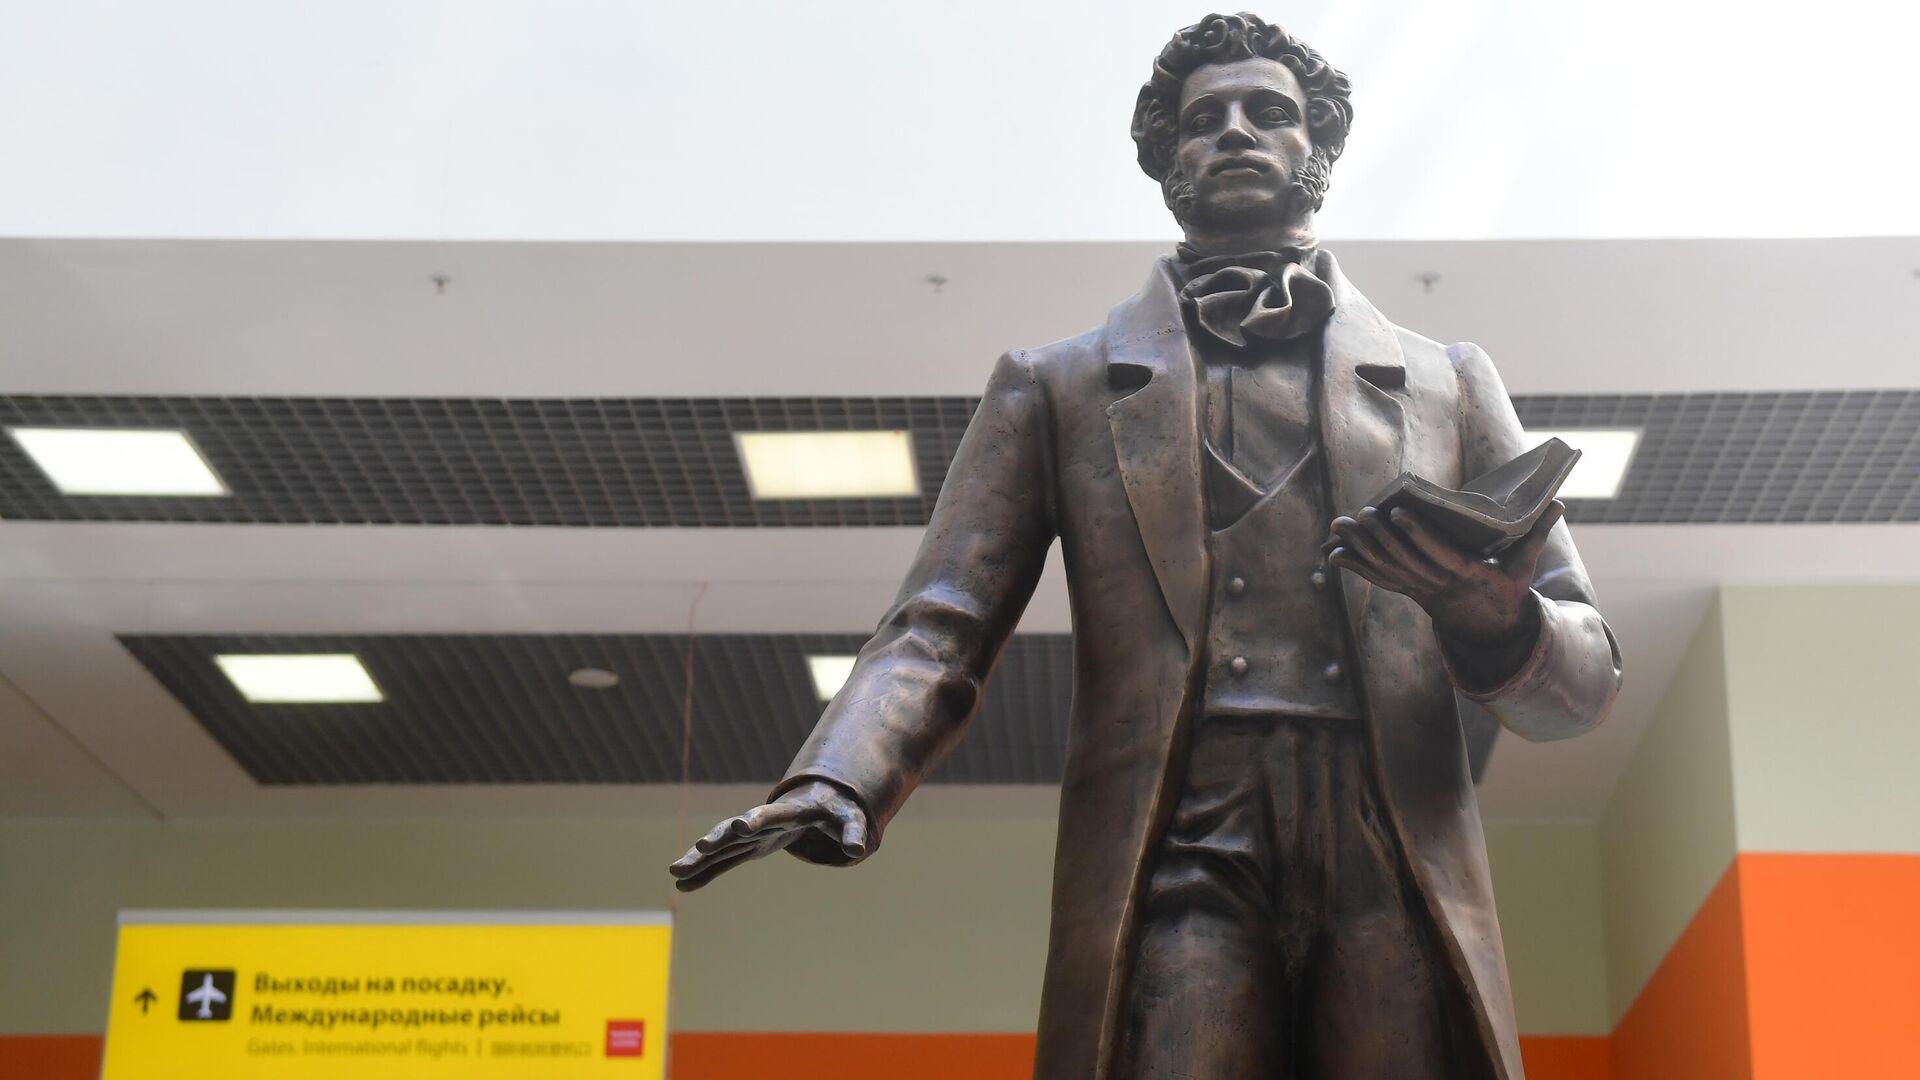 Памятник А. С. Пушкину в Международном аэропорту Шереметьево - РИА Новости, 1920, 18.10.2020